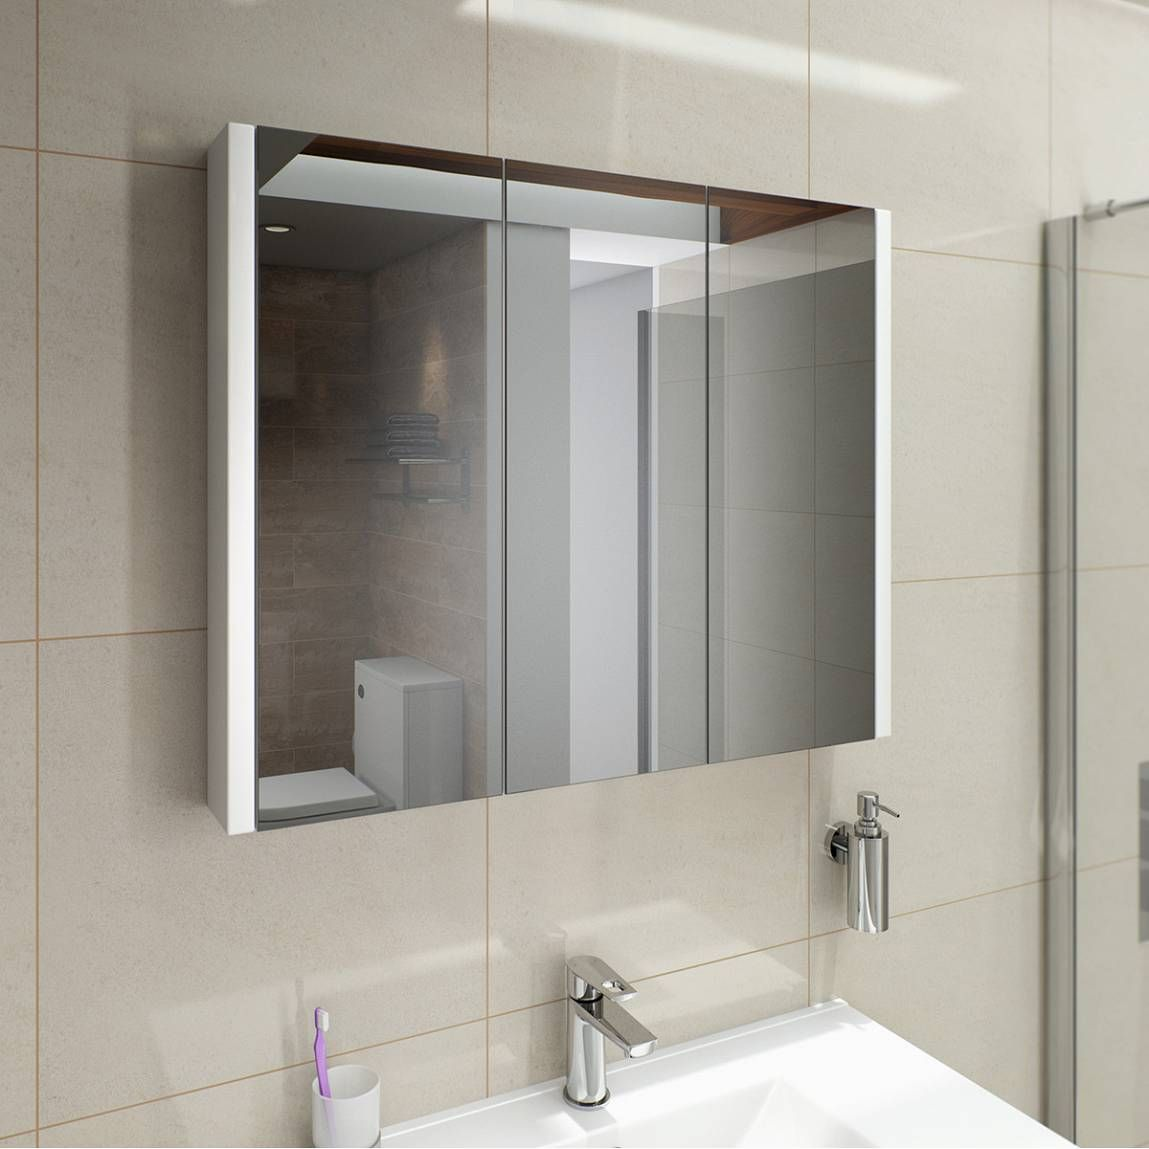 Odessa White 3 Door Mirror Cabinet Victoria Plumb 100 90 Cm Wide